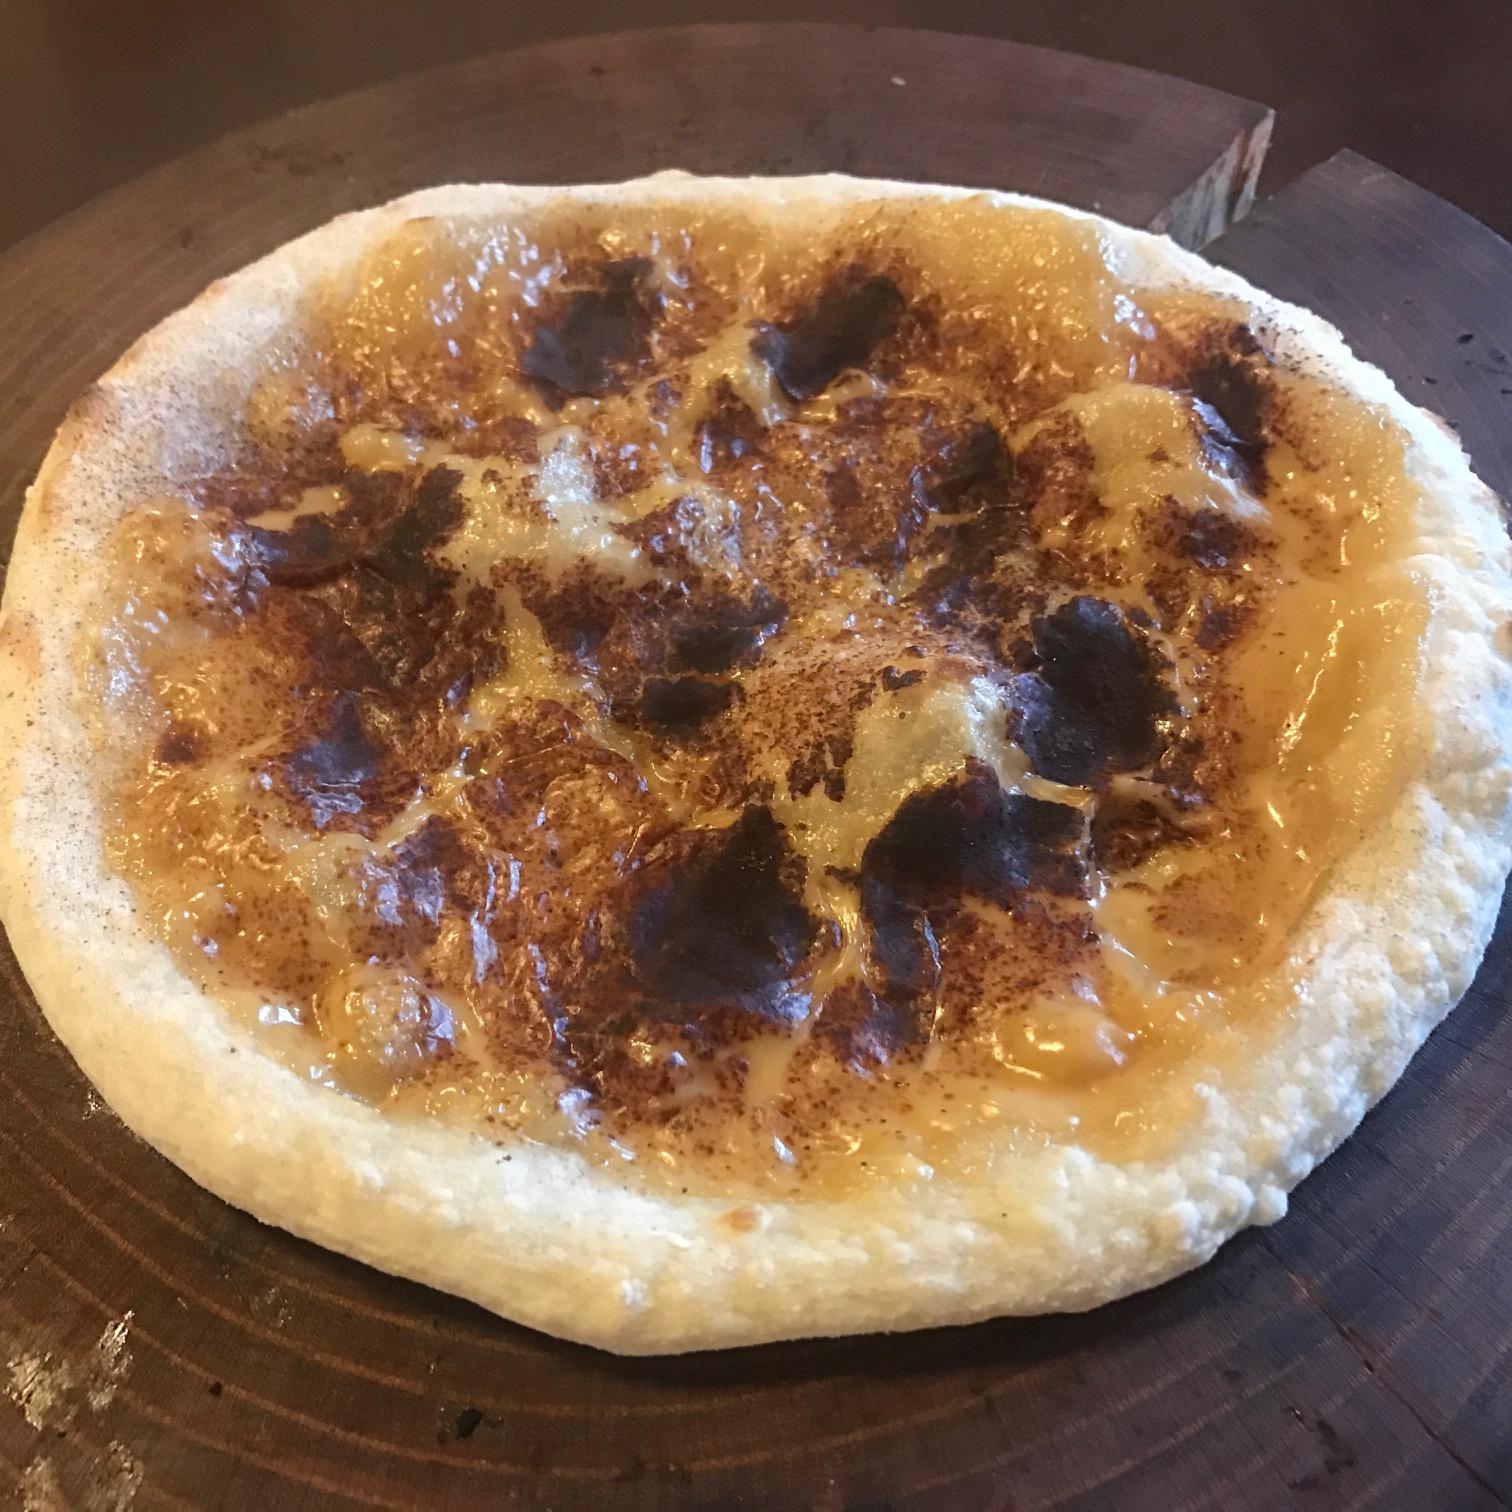 ティラミス風ピザ